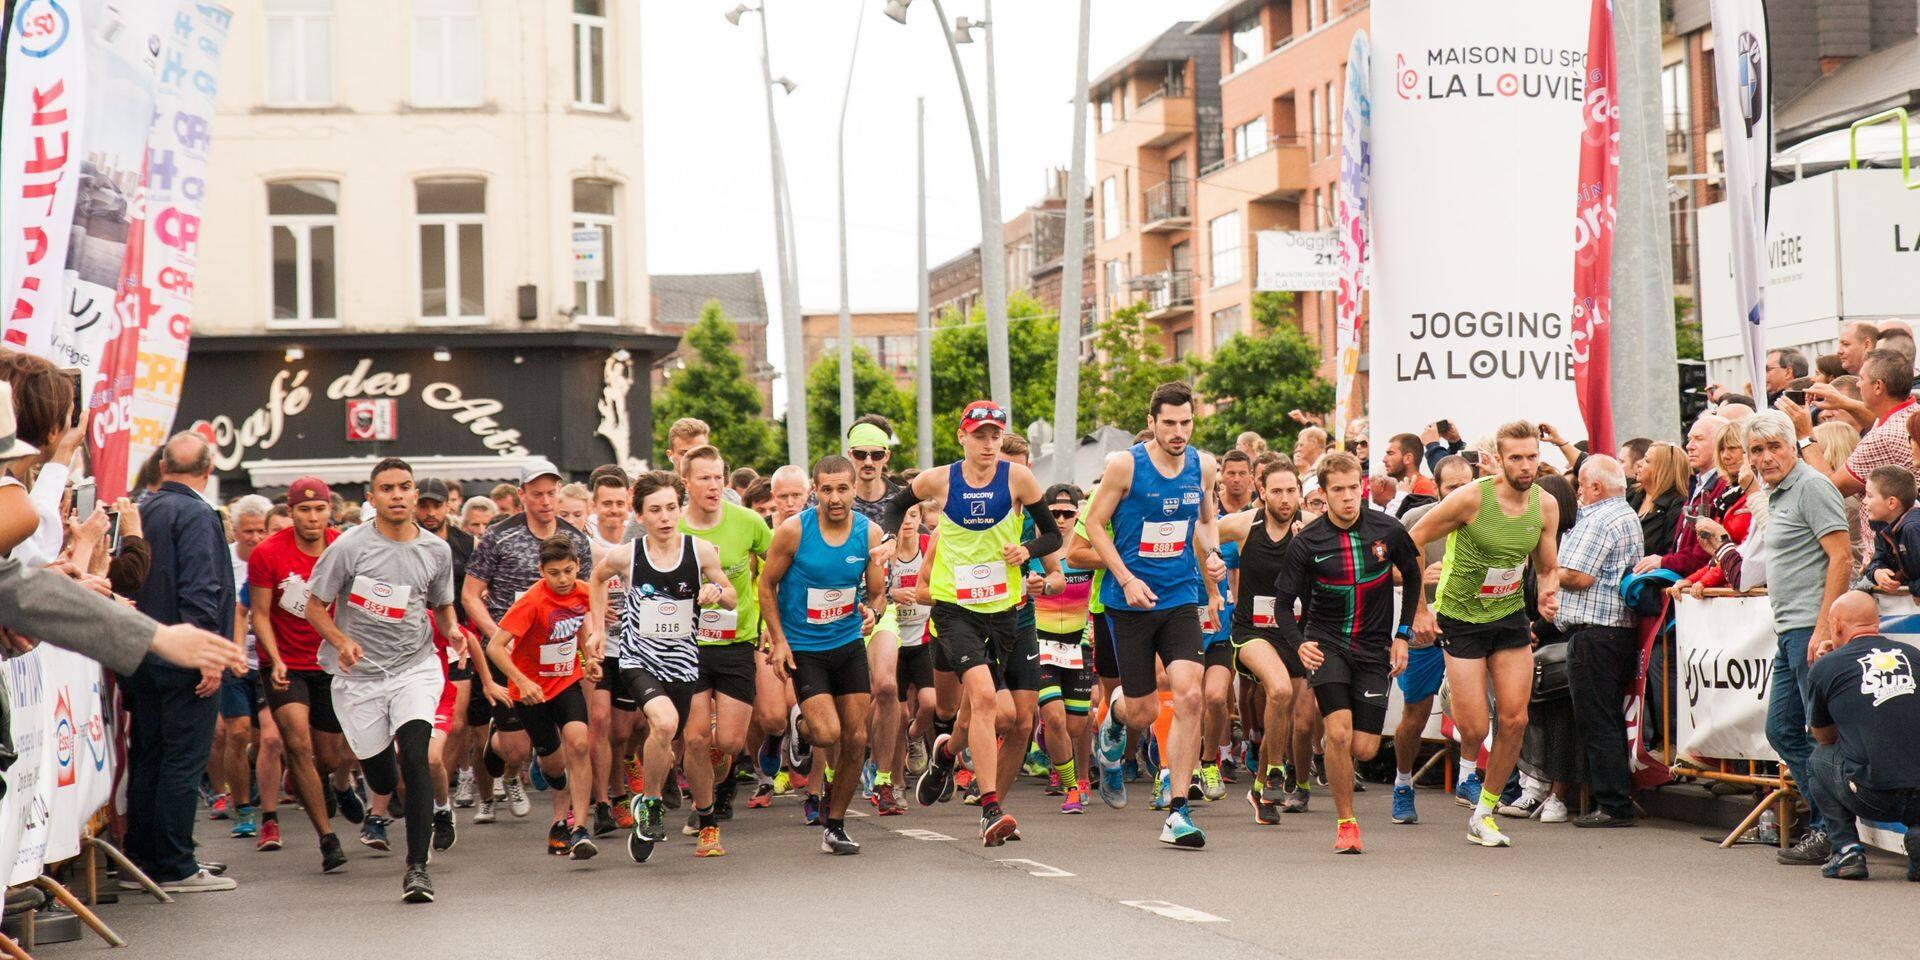 Le Jogging de La Louvière va-t-il encore battre des records?